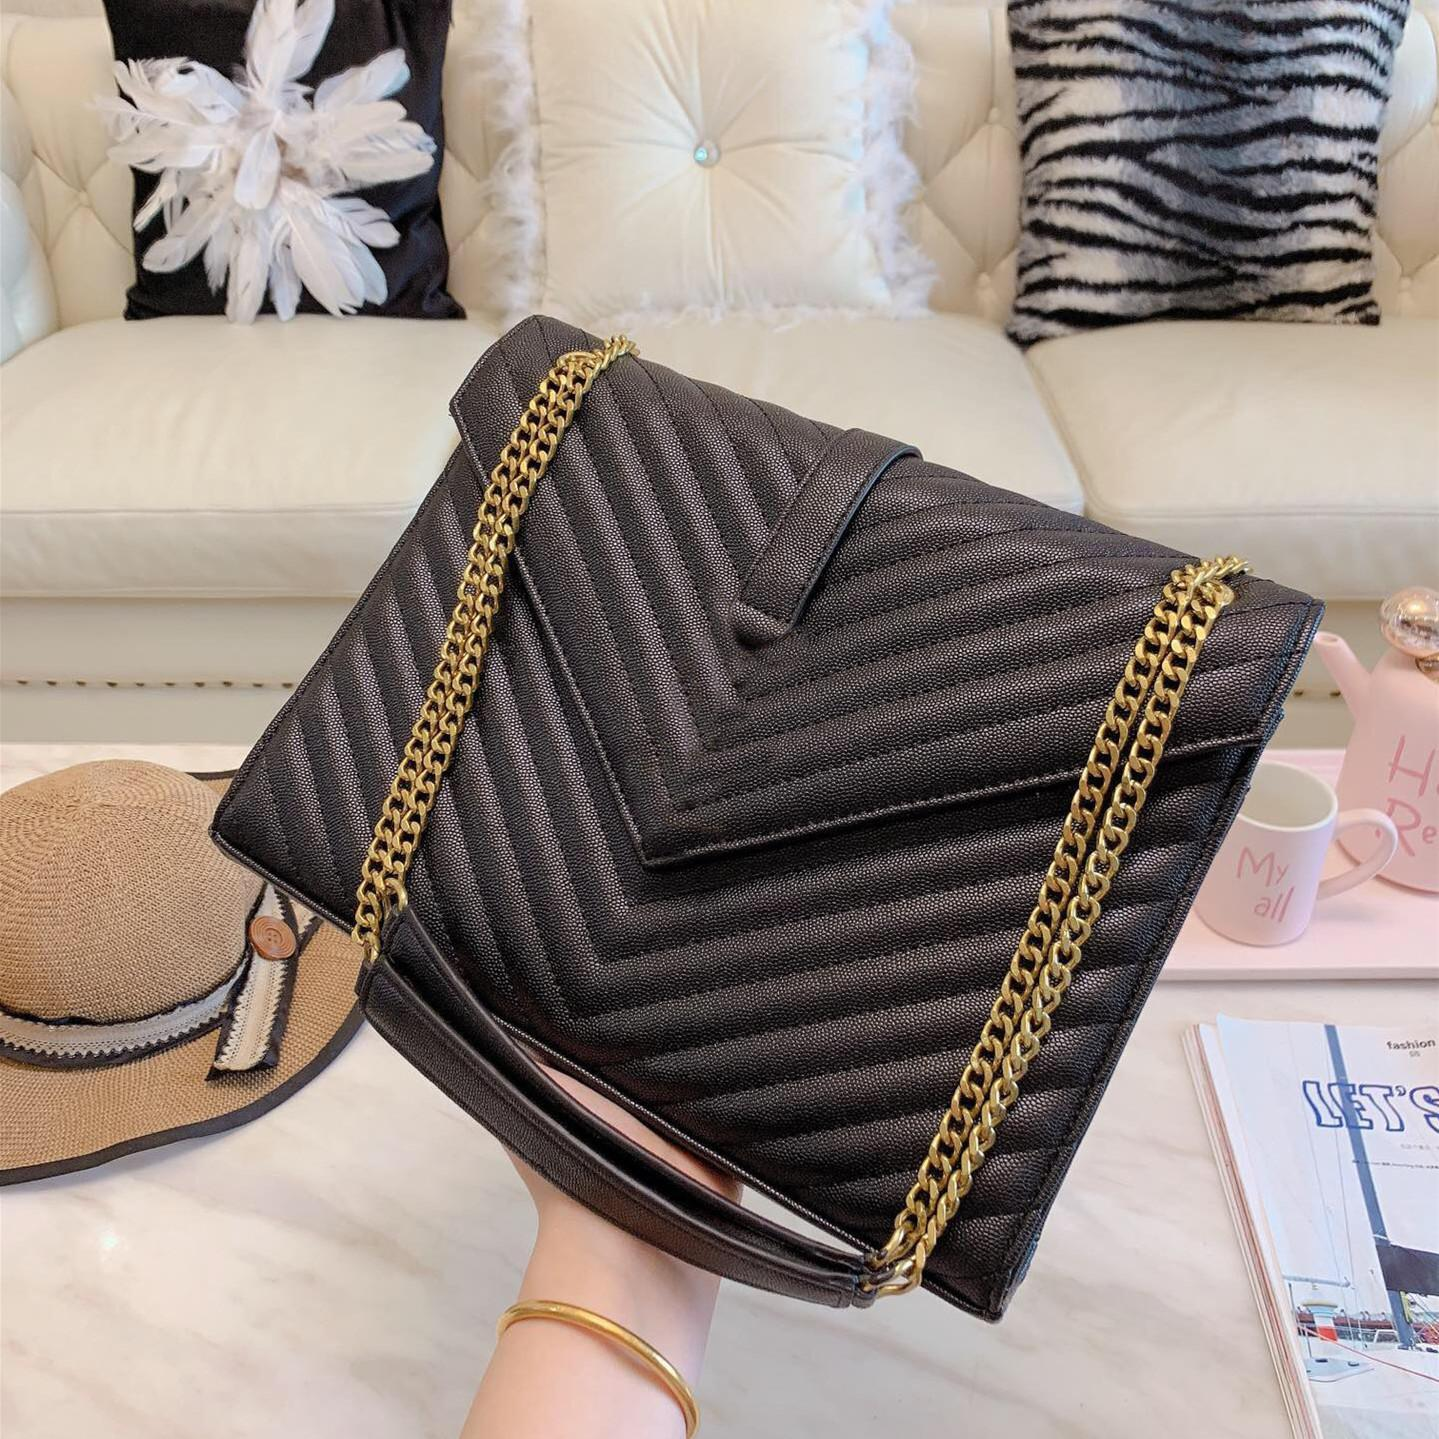 2020 marque Designer chaîne de luxe mode sac Messenger sacs à bandoulière de sac à main dames de mode bourse de portefeuille de haute qualité Livraison gratuite PARIS